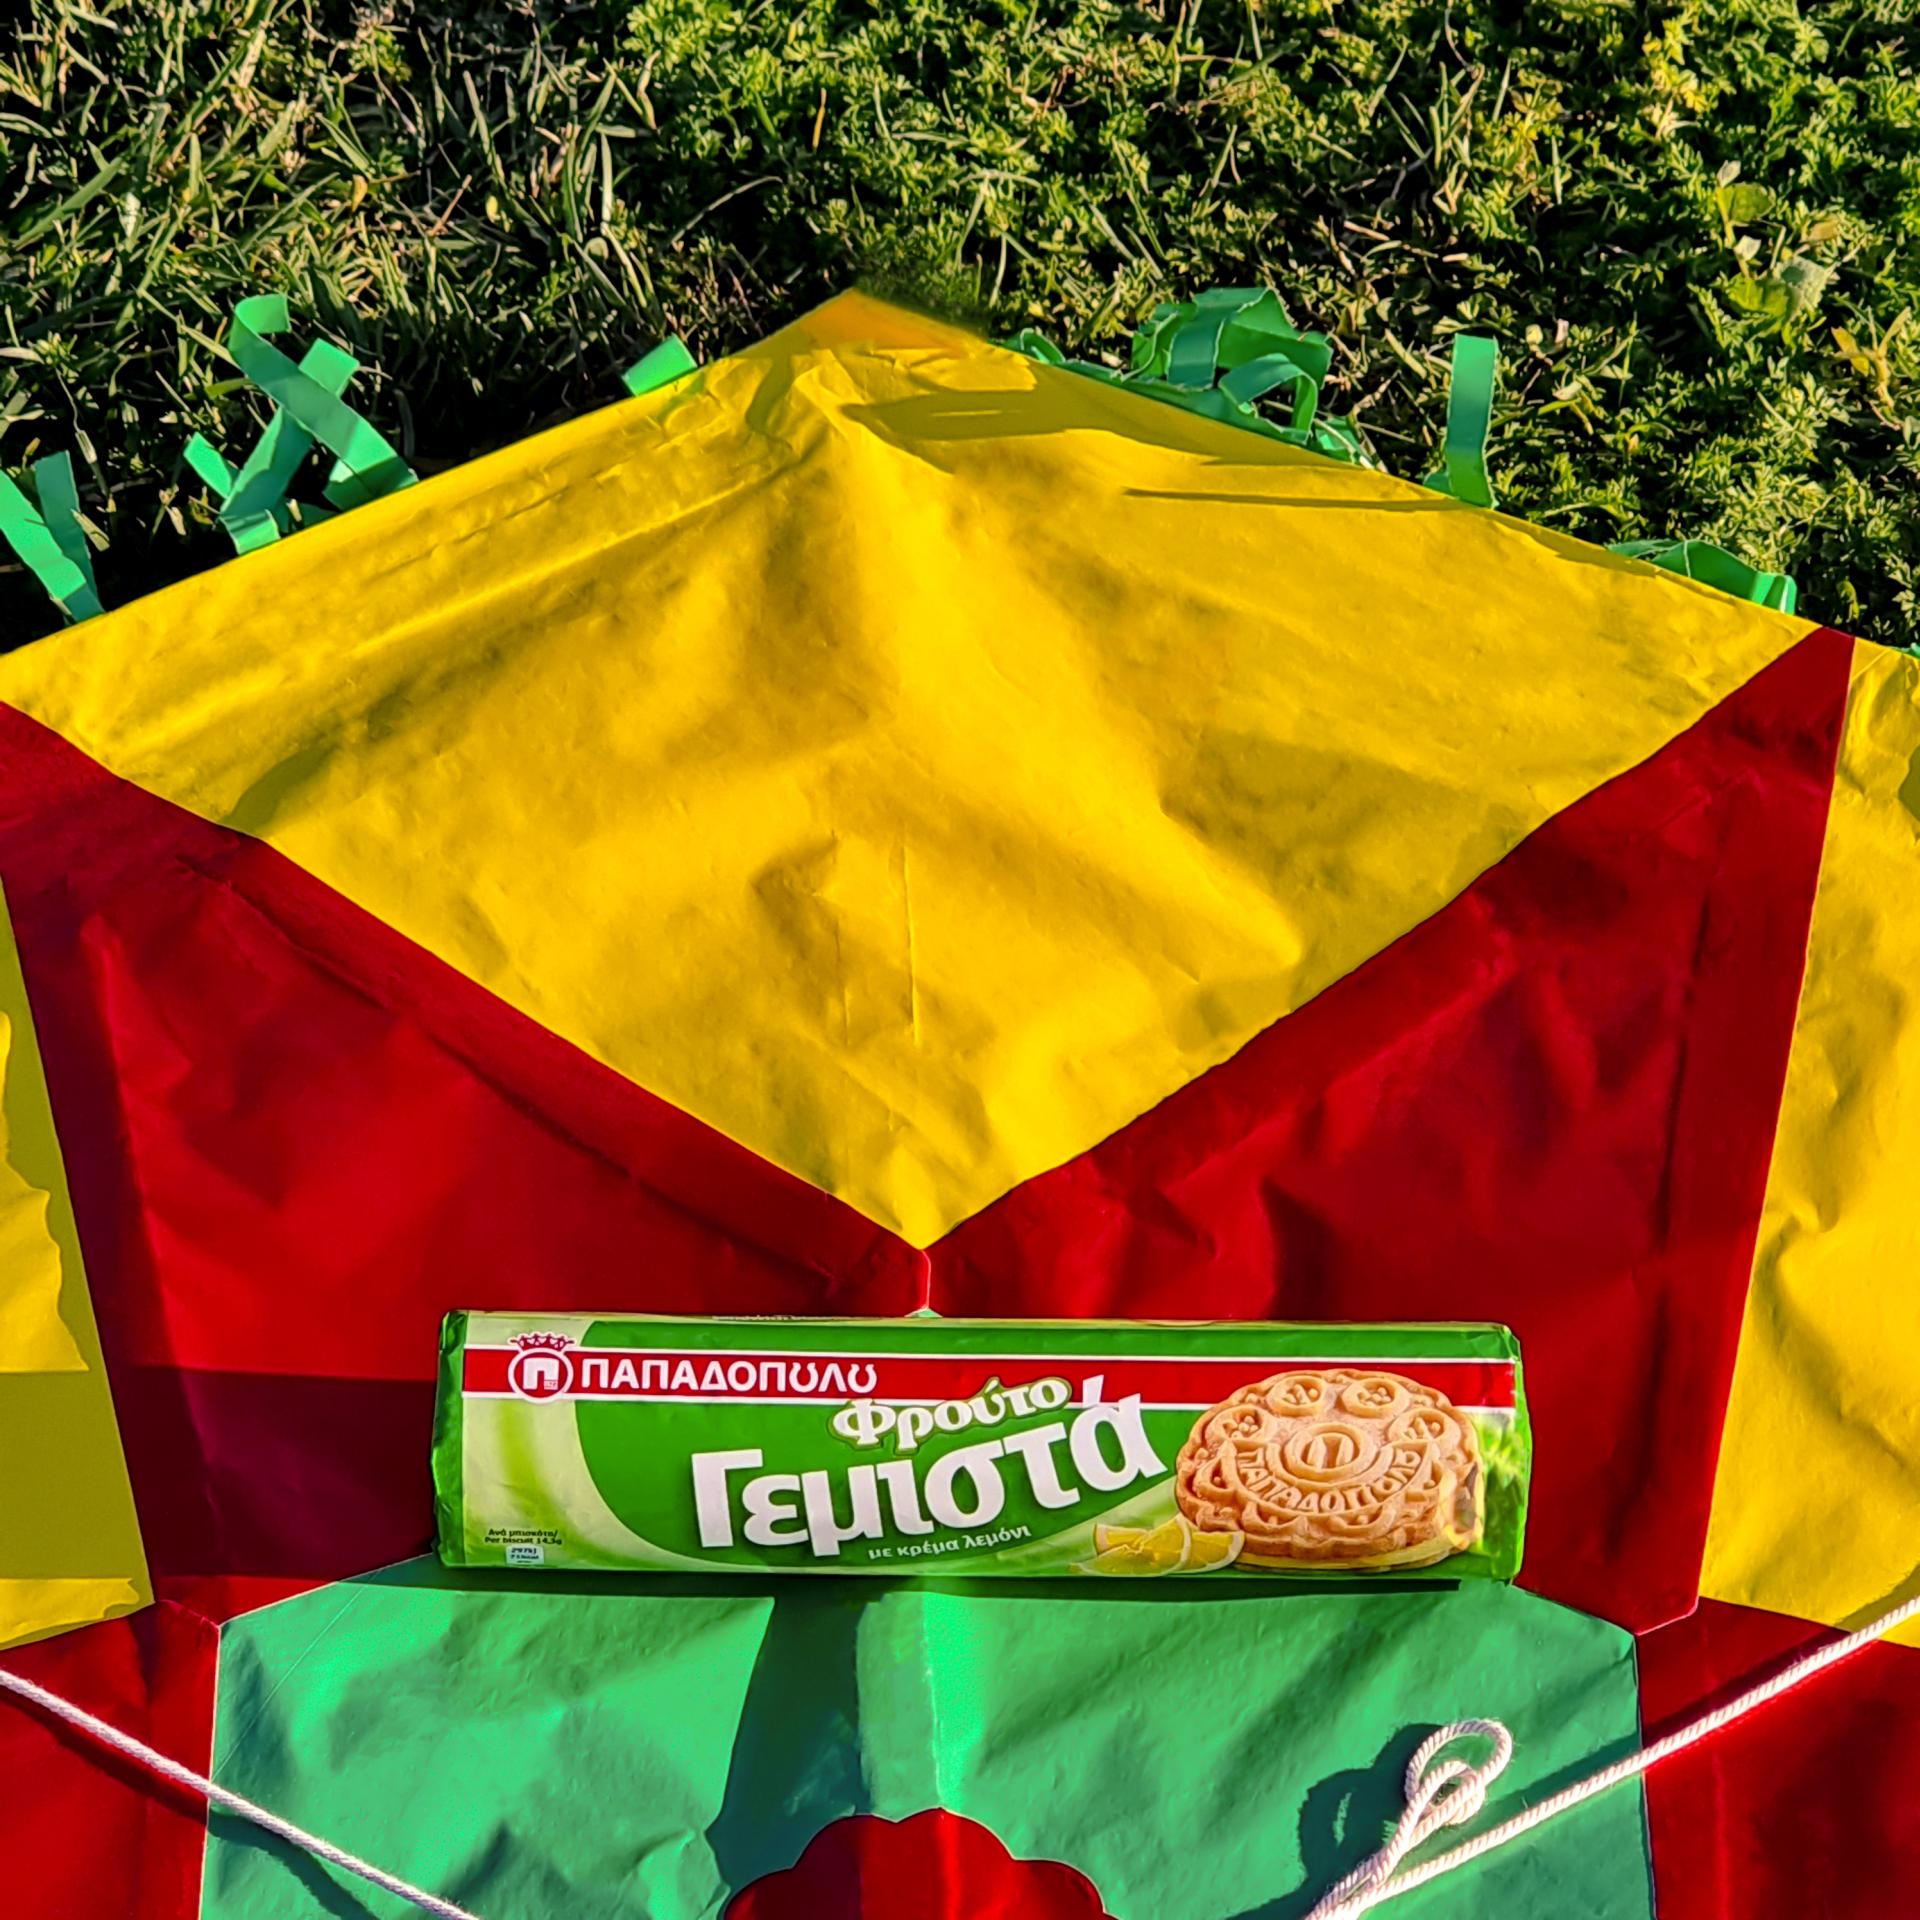 image for Φρουτεγιμιστά λεμόνι, το σνακ σου για δροσερή γεύση, στη βόλτα σου στην εξοχή!